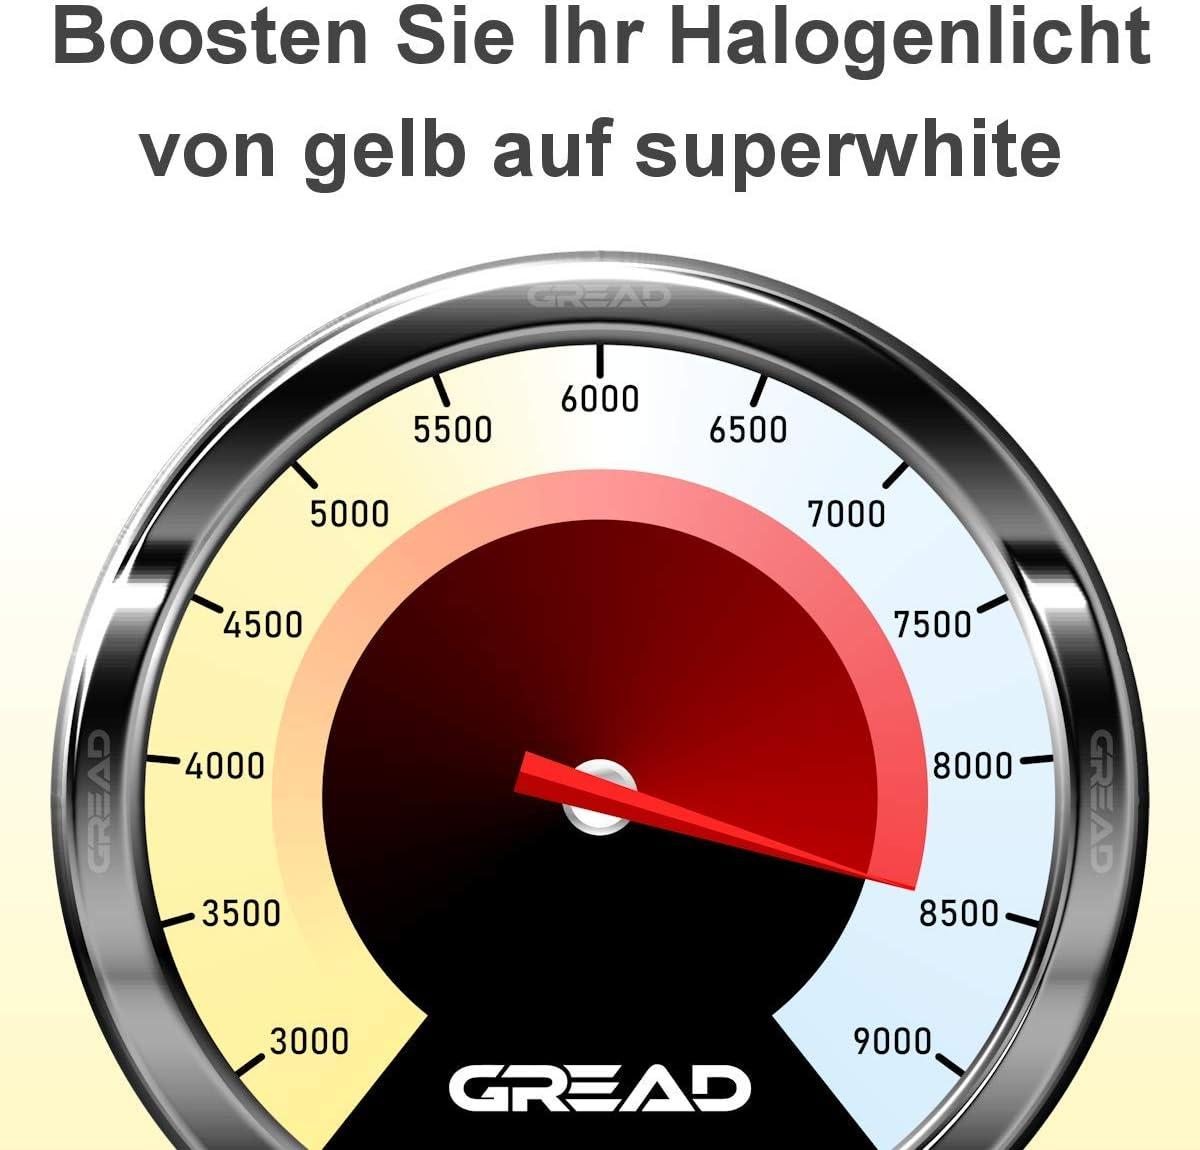 avec certification/E Bo/îte dampoules halog/ènes H8 35/W 8/500/Kelvin super blanc ajustement parfait et longue dur/ée de vie aspect x/énon